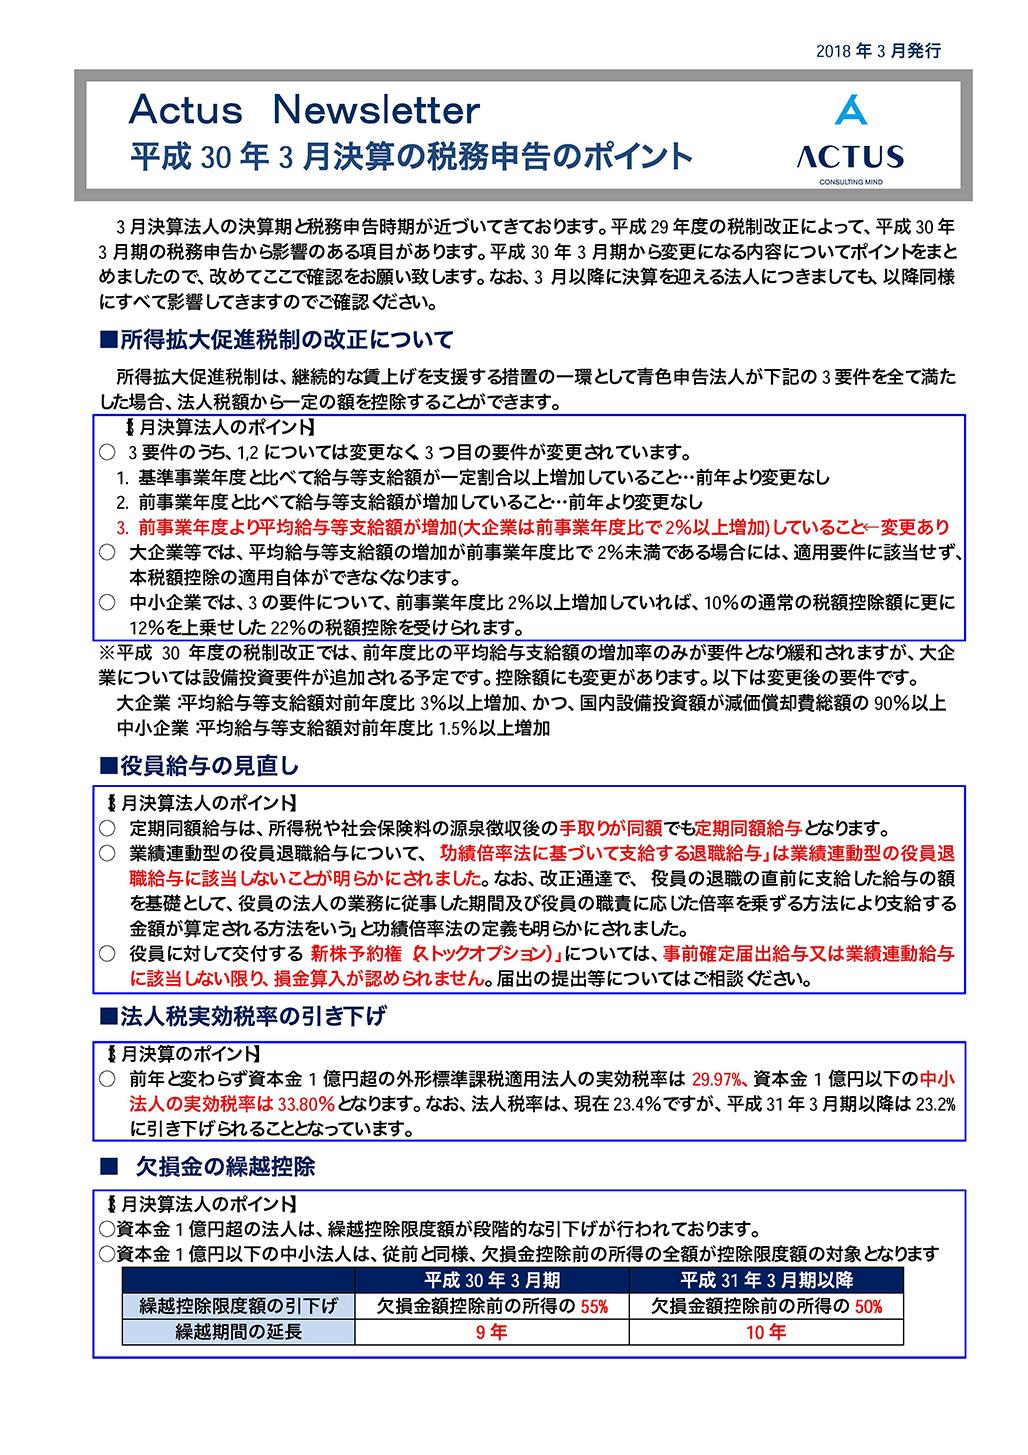 平成30年3月決算の税務申告のポイント